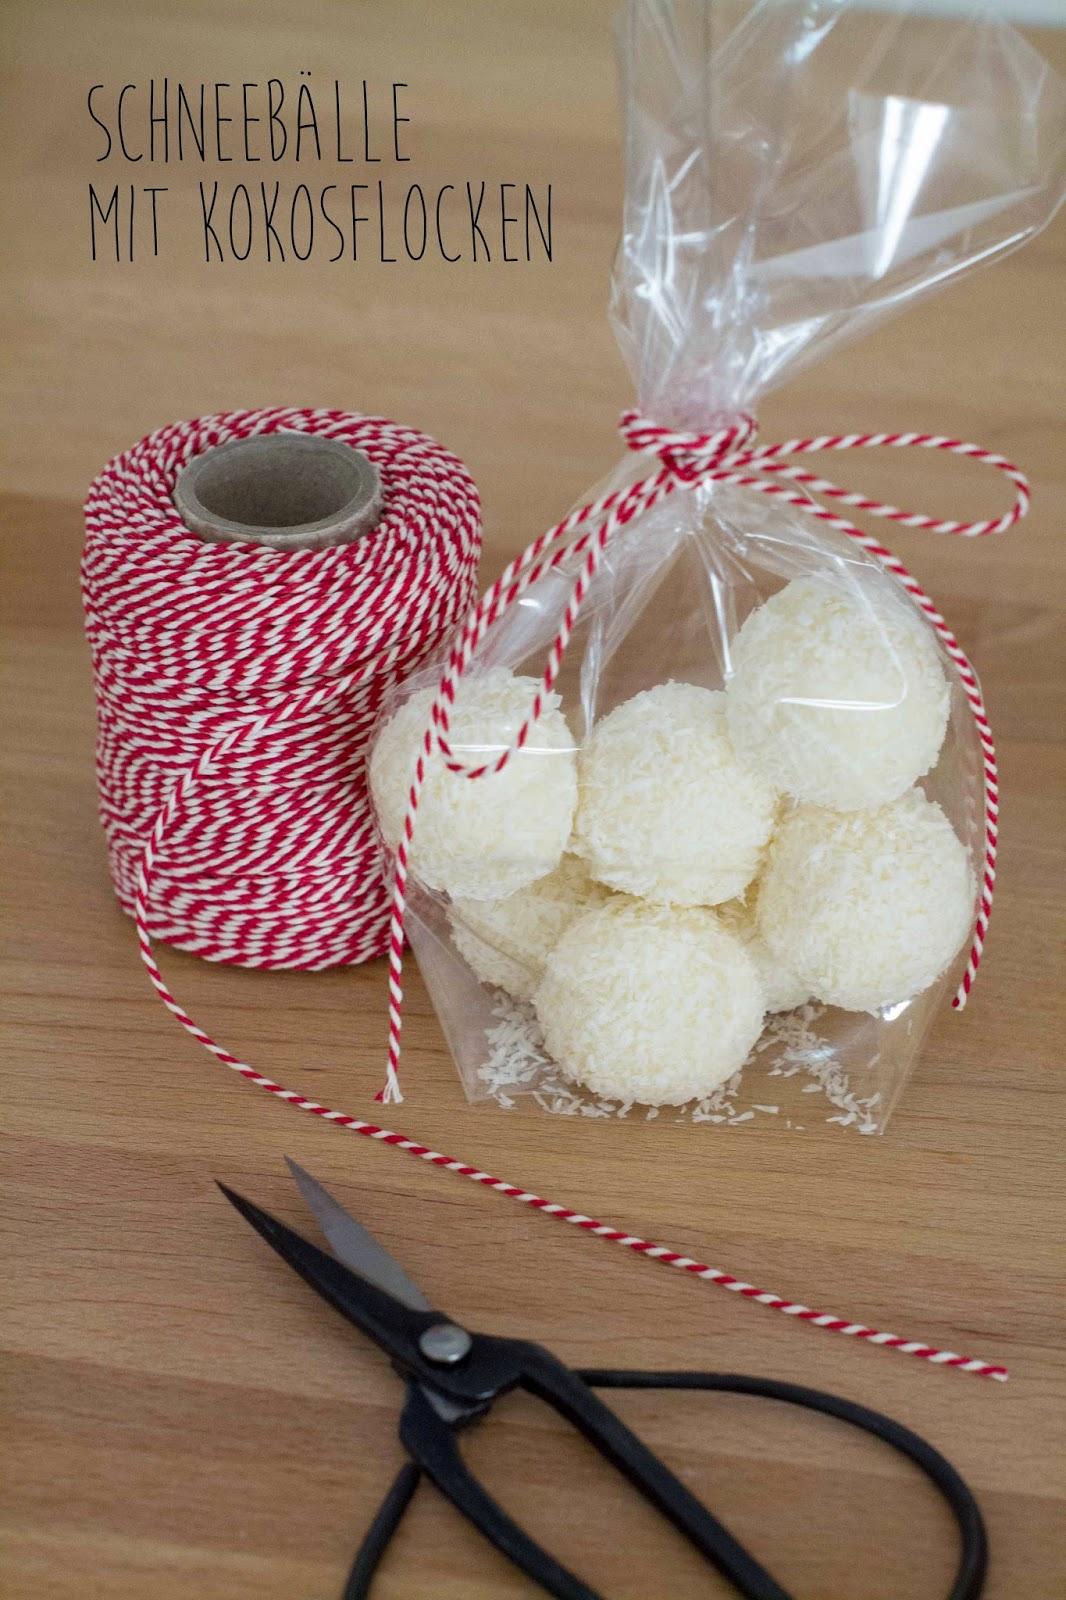 Kuchen & Quiche: Geschenke aus der Küche - Schneebälle mit Kokosflocken